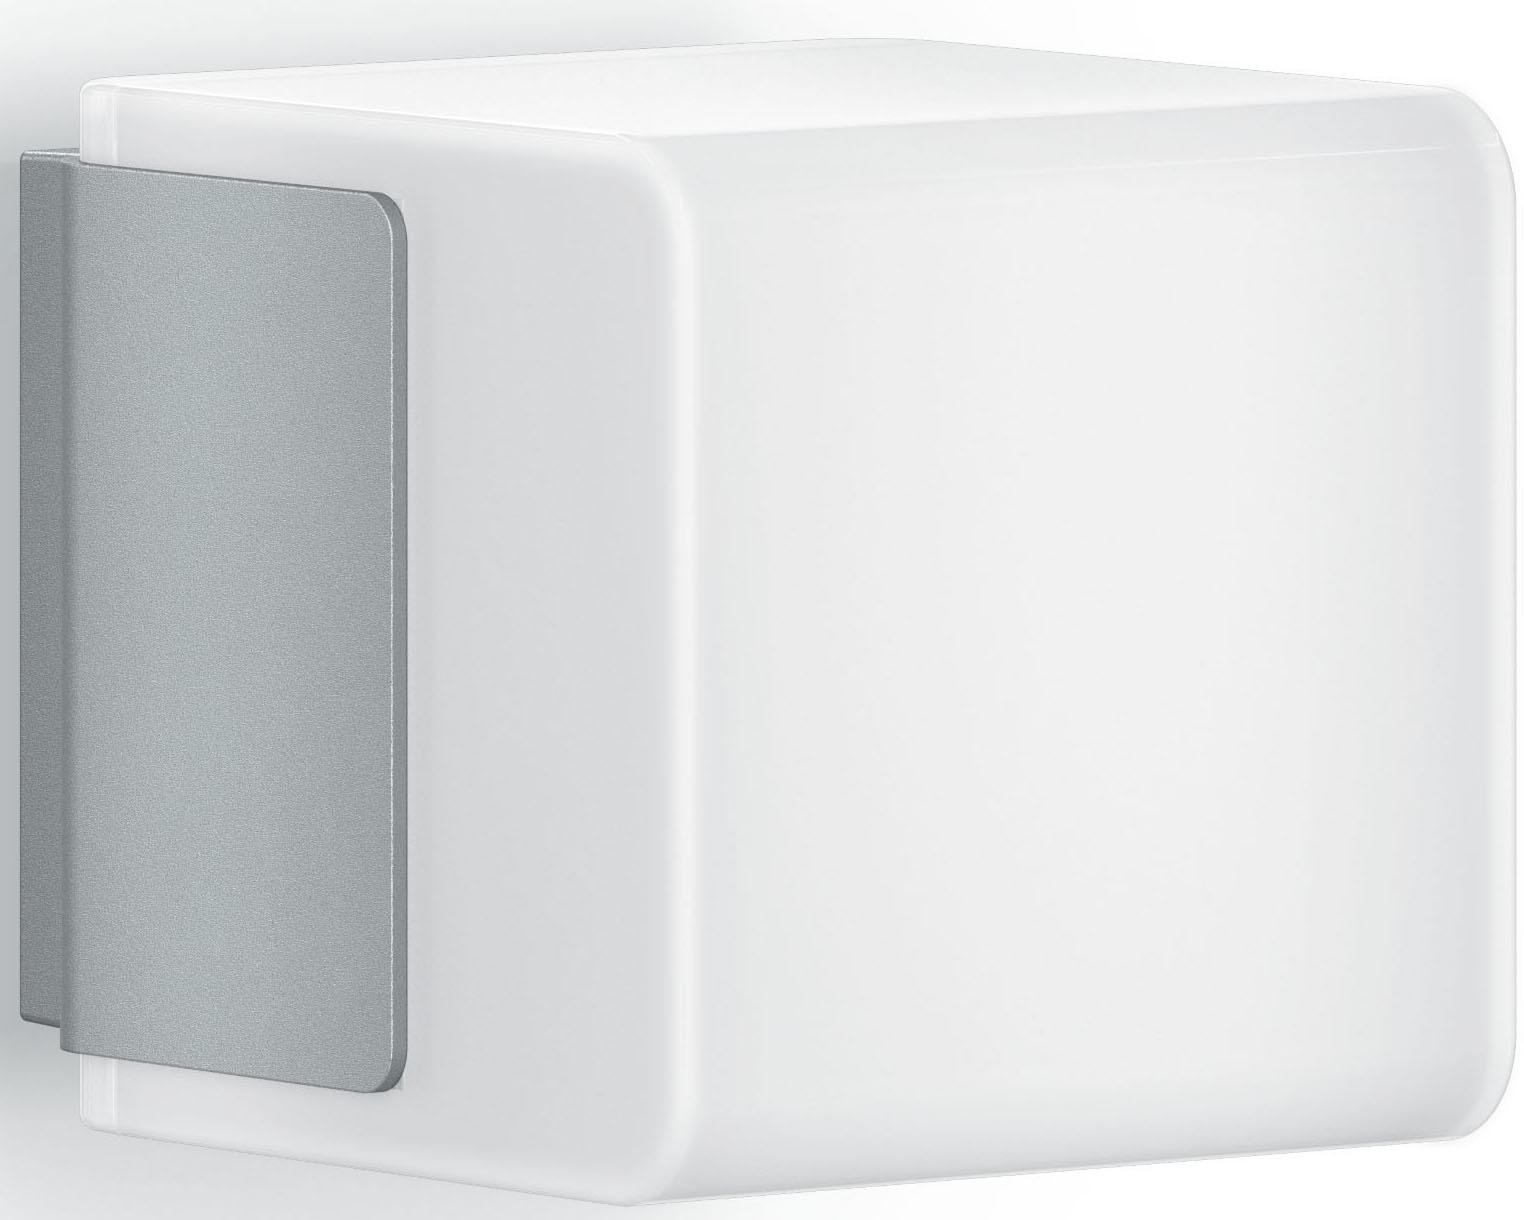 steinel LED Außen-Wandleuchte L 835 S, LED-Board, Warmweiß, 160° Bewegungsmelder,über Bluetooth vernetzbar, Smart Home